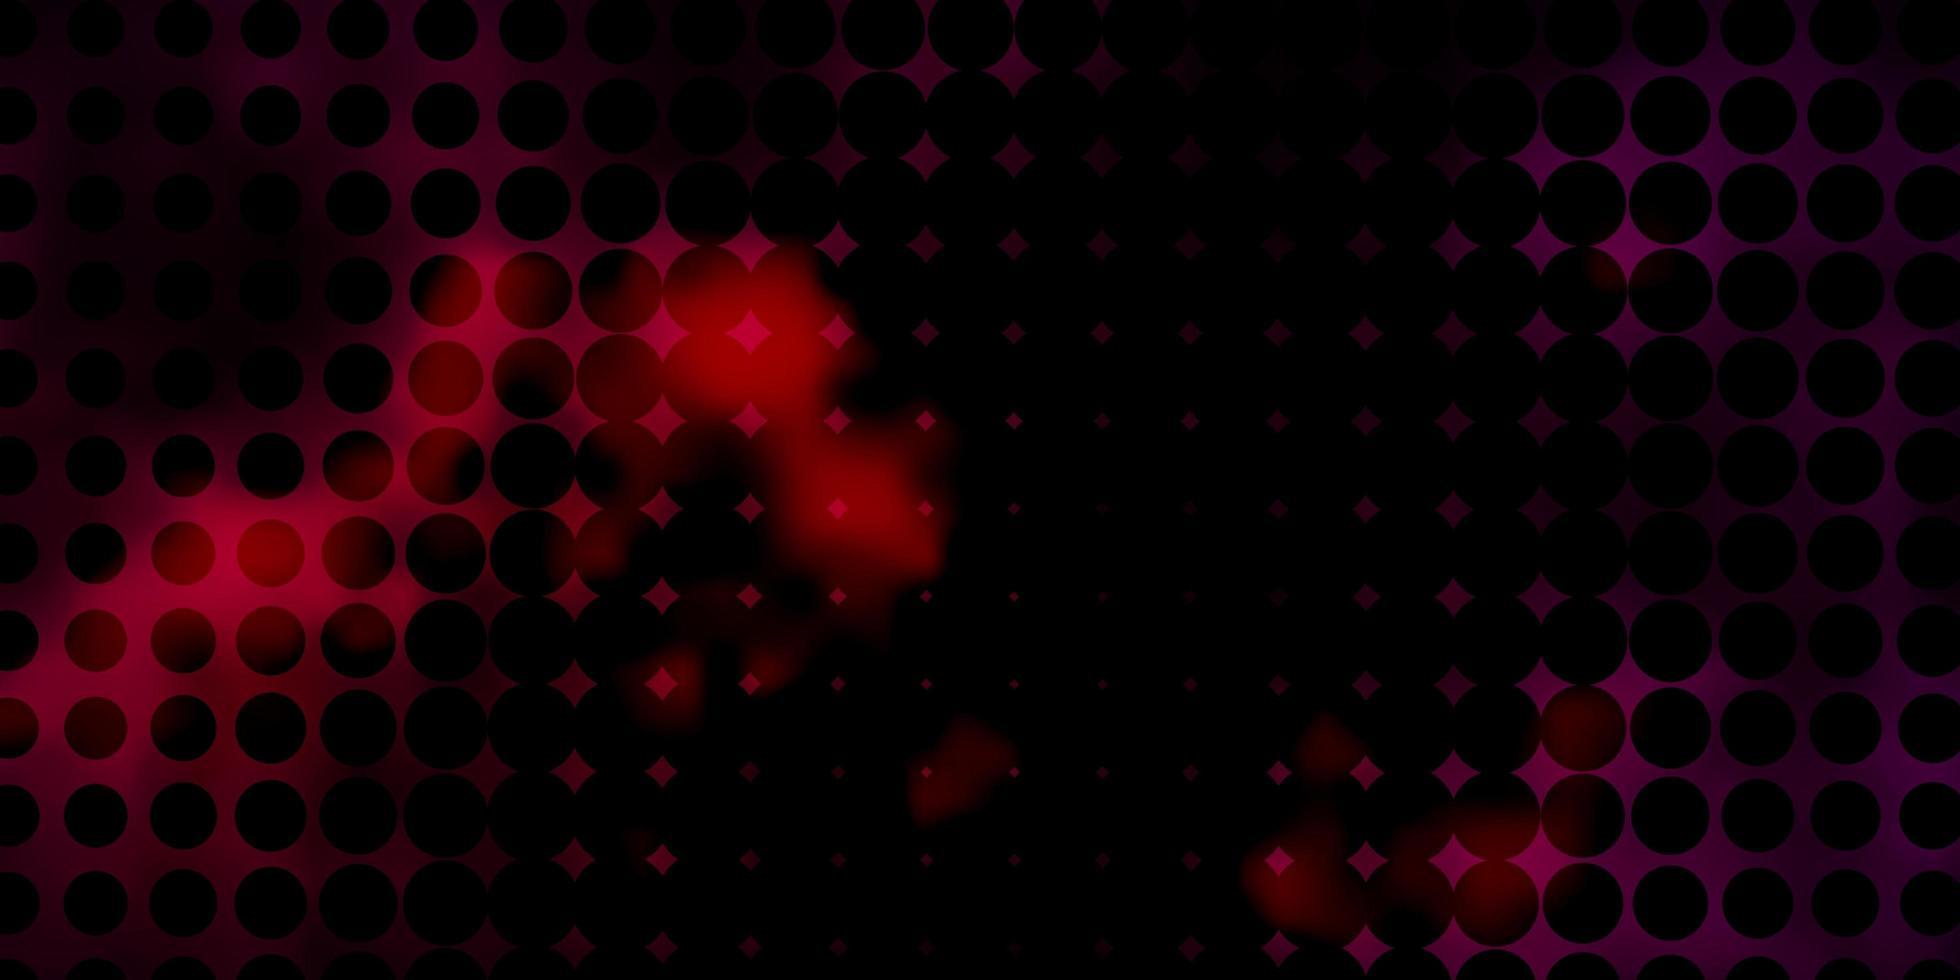 trama rosso scuro con cerchi. vettore